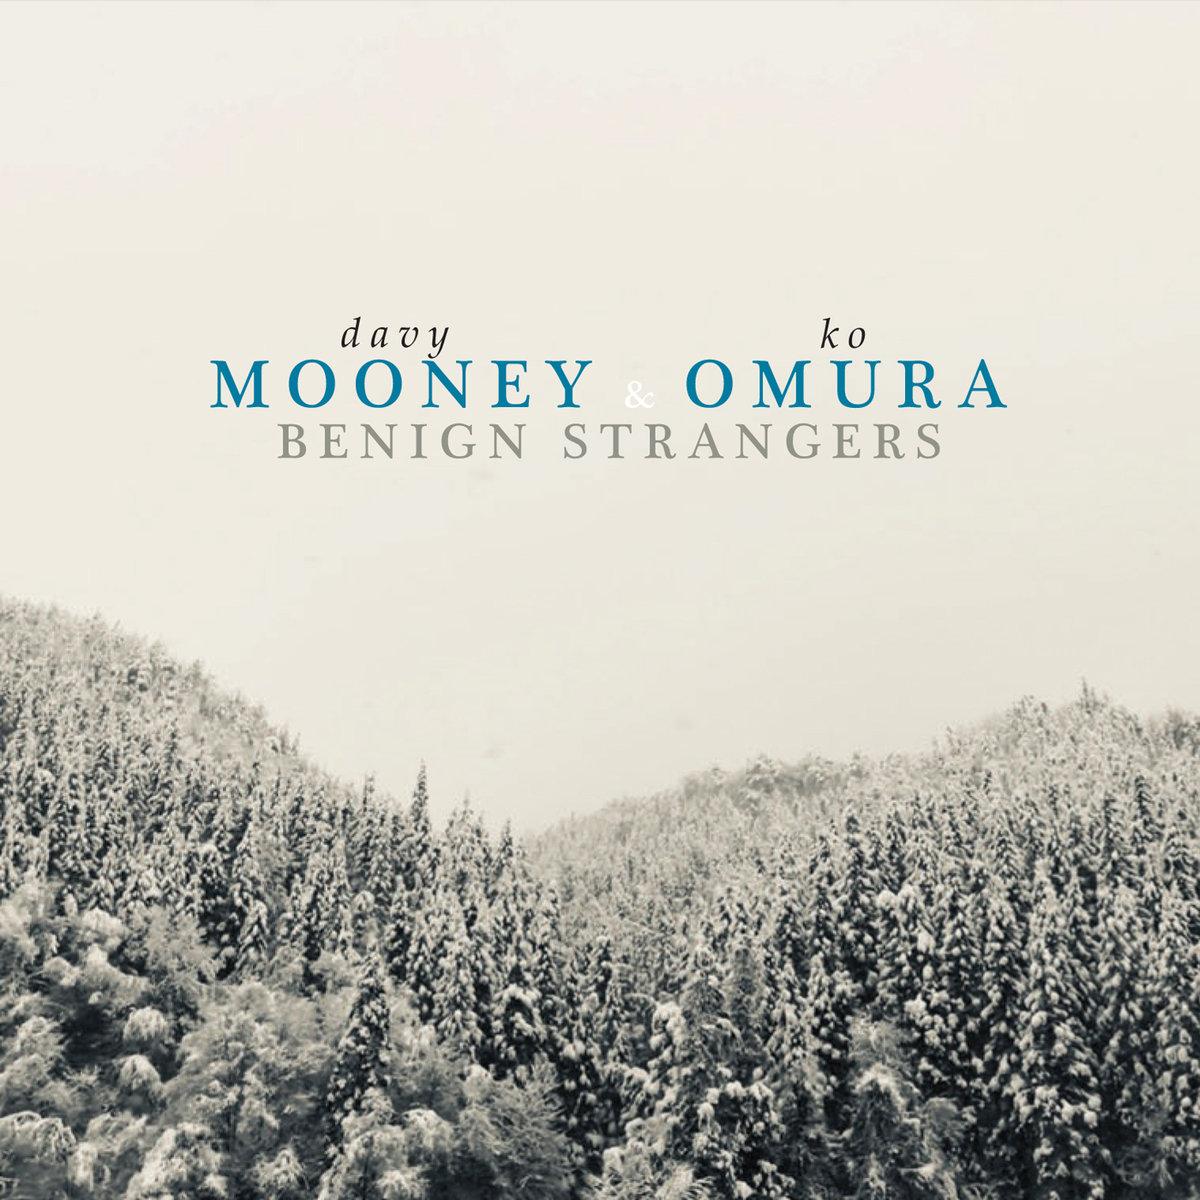 Davy Mooney & Ko Omura <br/>Benign Strangers<br/>SunnySide, 2018